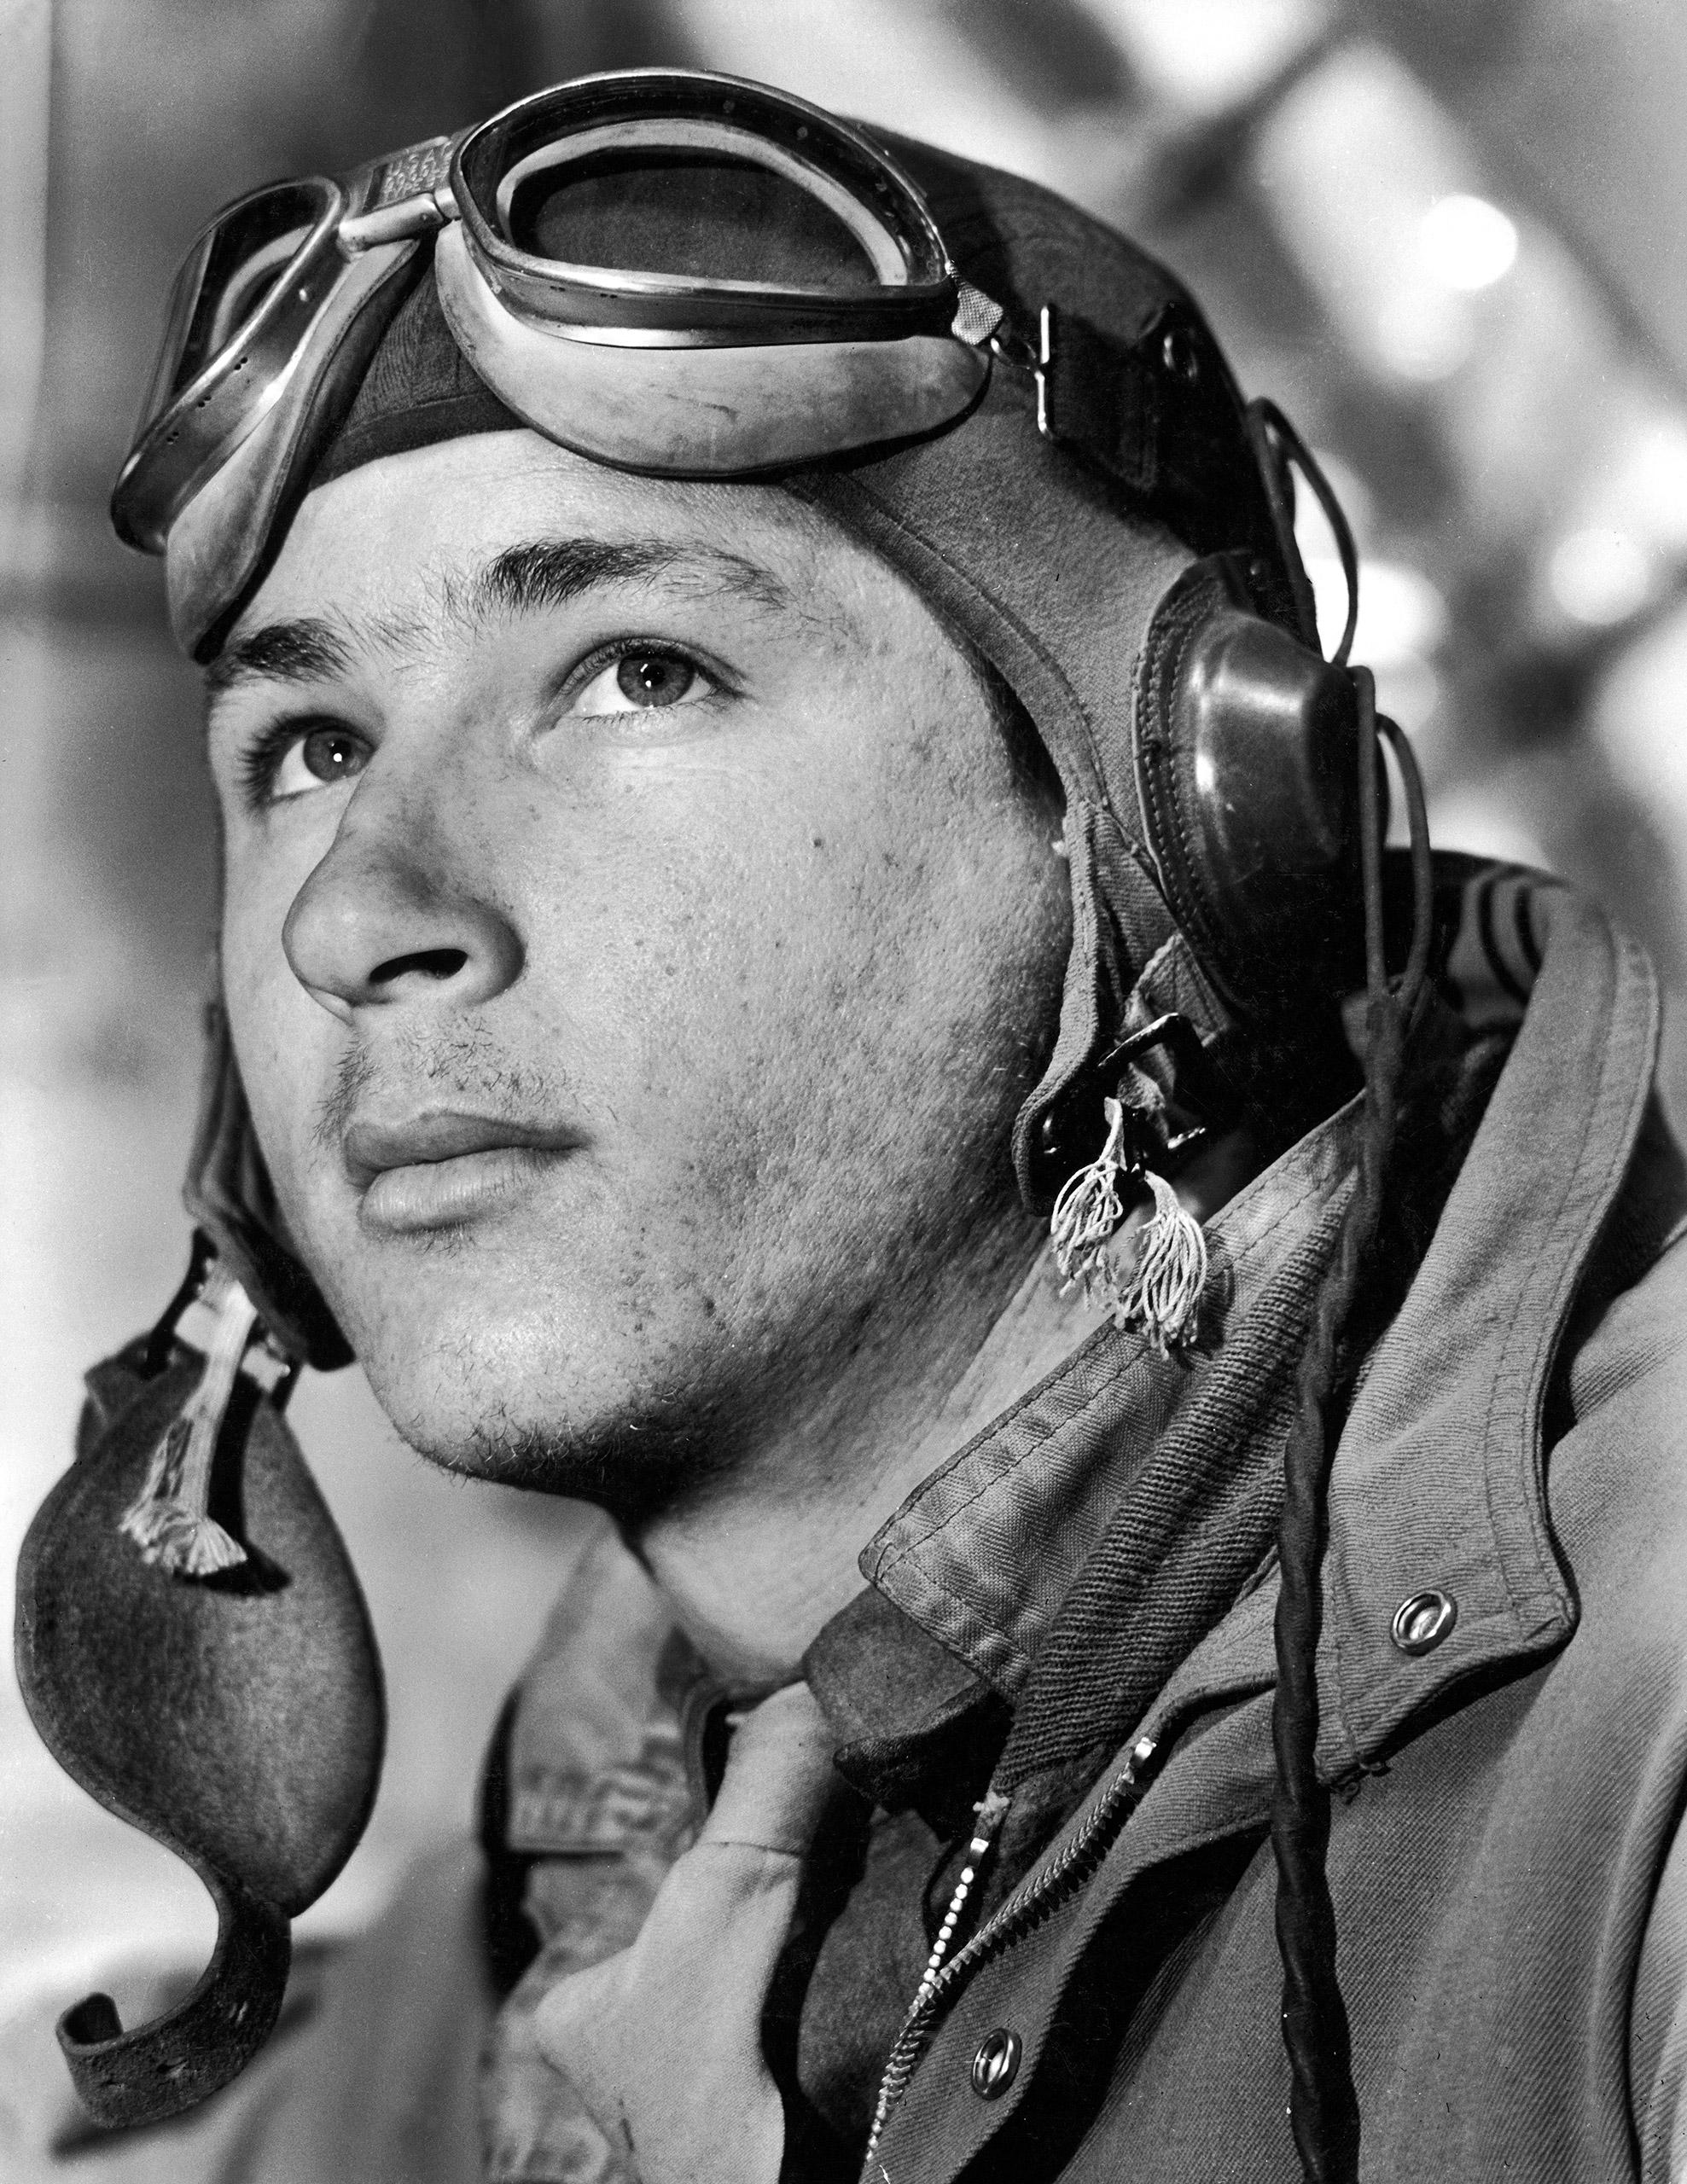 """Portrait of ball turret gunner Sgt. James M. Abbott, before taking off in Amer. B-17 """"Little Bill"""" on a bombing mission from Sahara desert airdrome."""